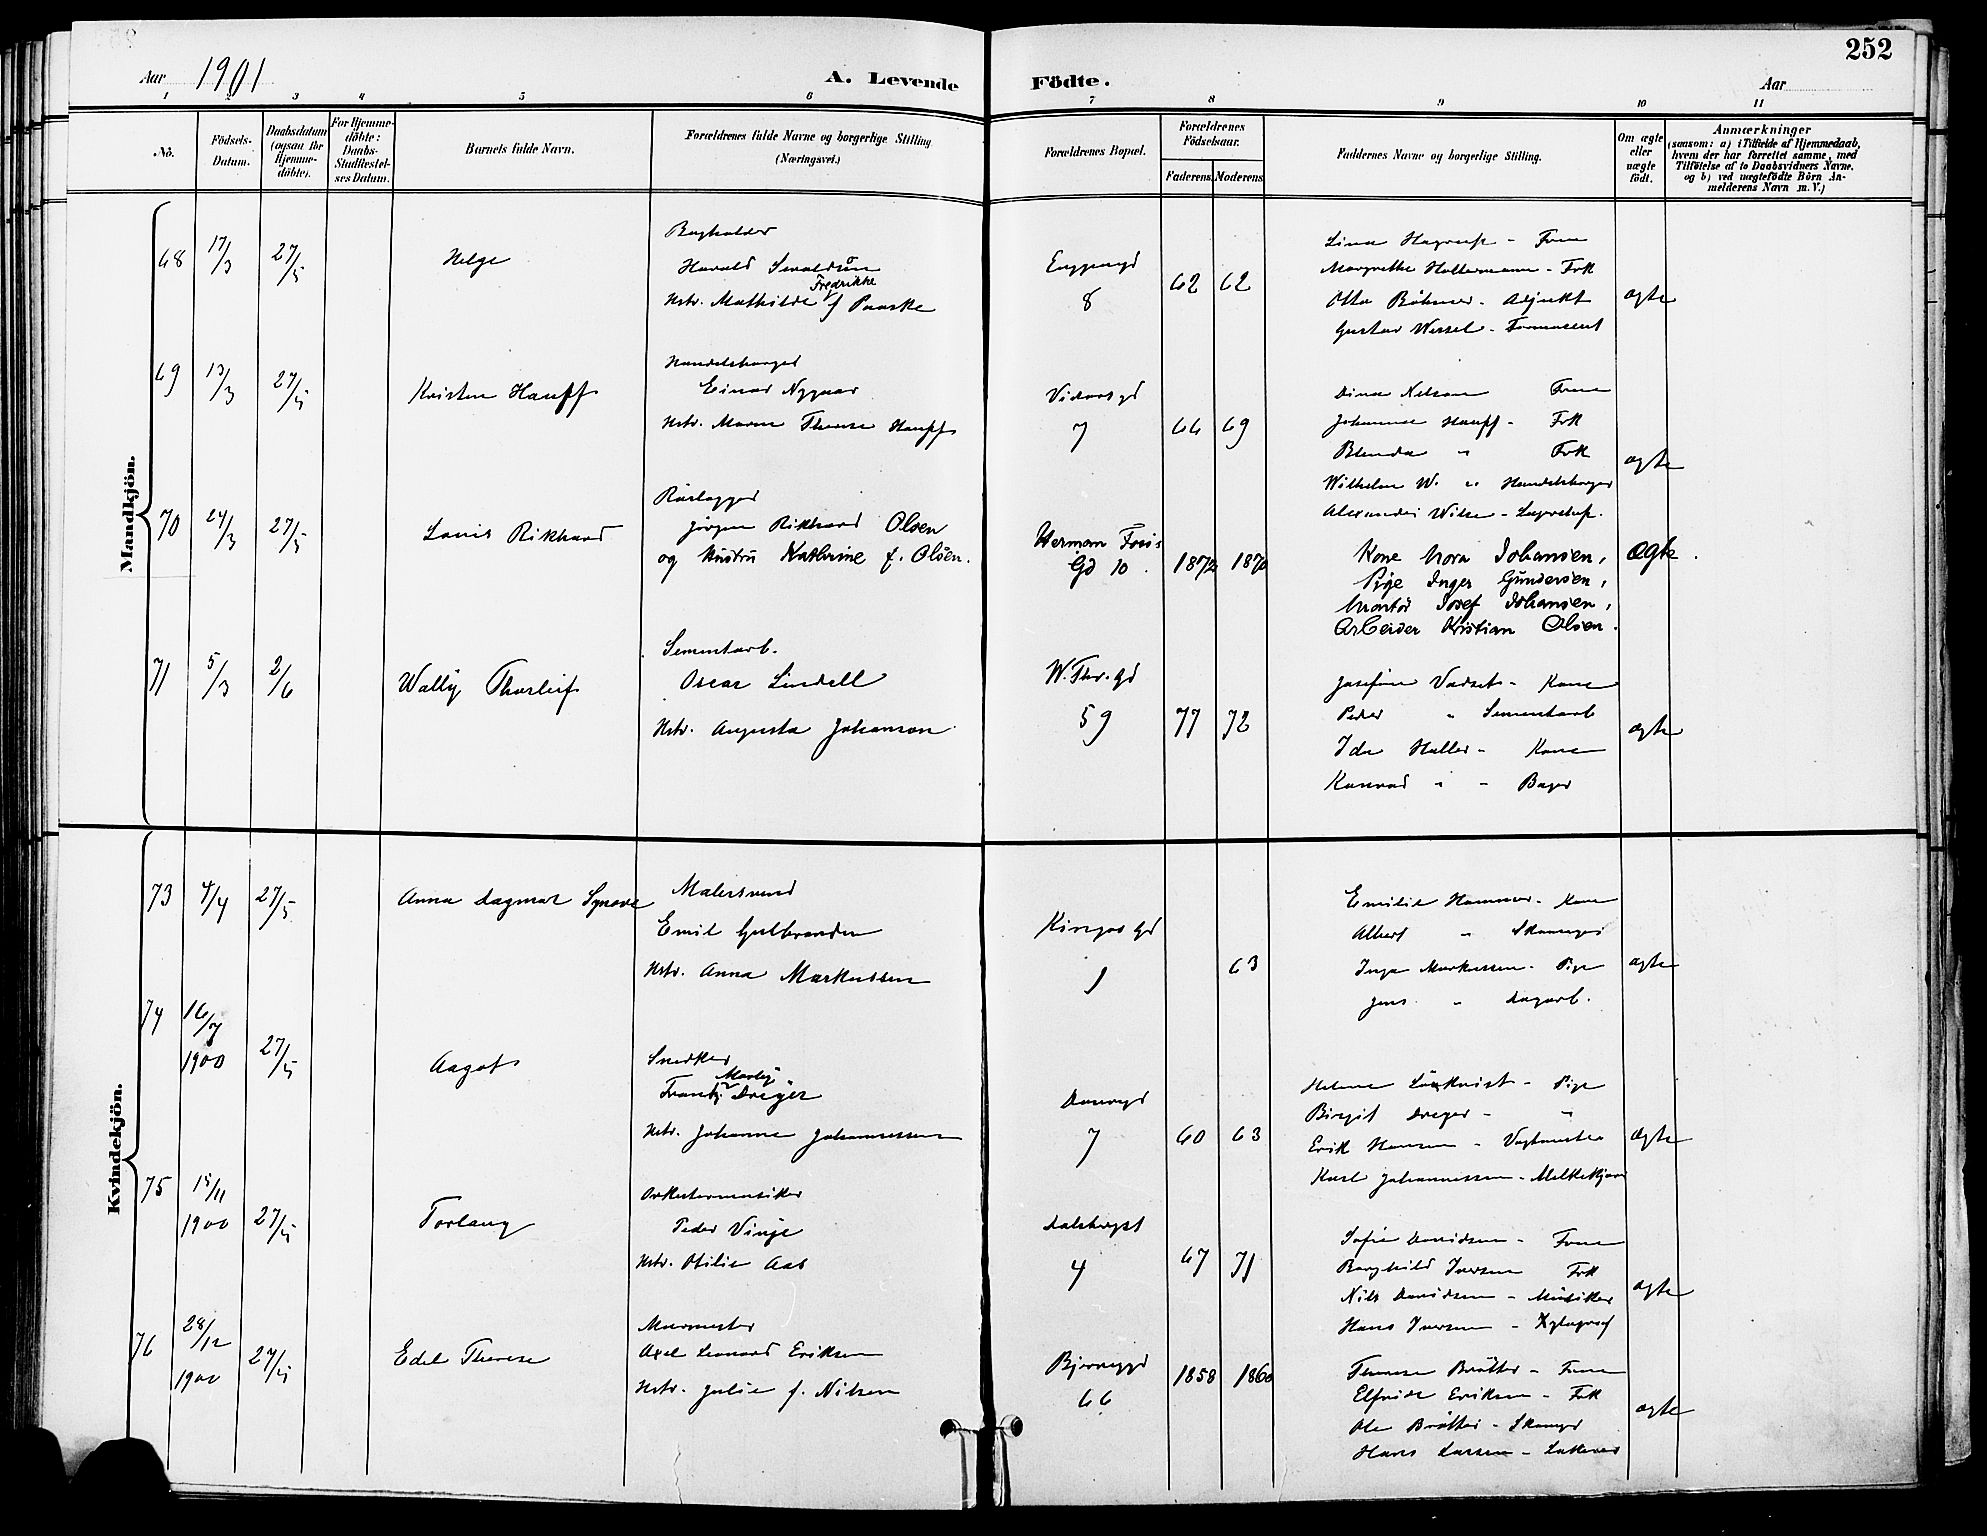 SAO, Gamle Aker prestekontor Kirkebøker, F/L0011: Ministerialbok nr. 11, 1896-1901, s. 252